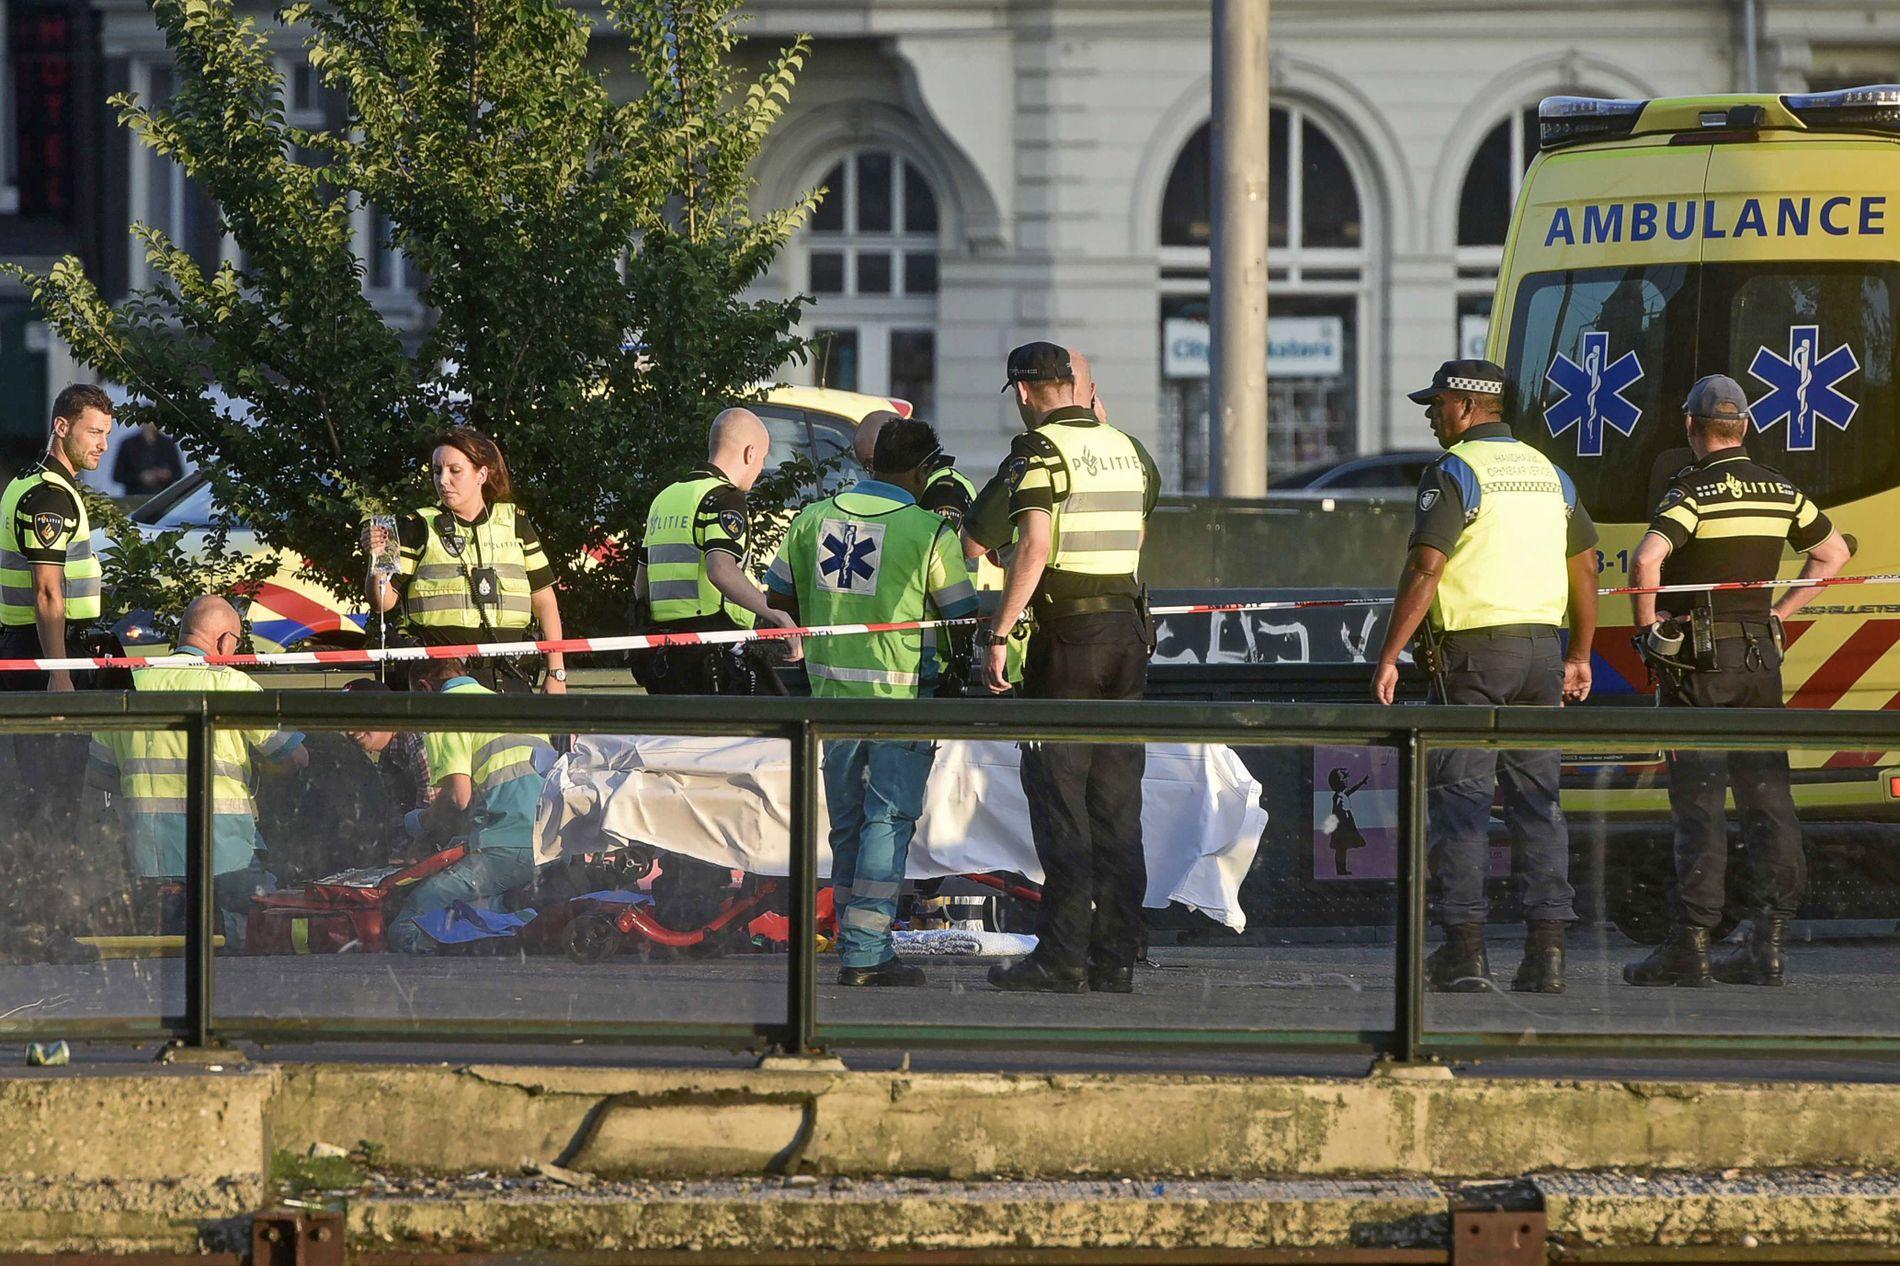 KJØRTE PÅ FOTGJENGERE: Politiet undersøker området utenfor togstasjonen i Amsterdam der minst åtte personer ble påkjørt lørdag.